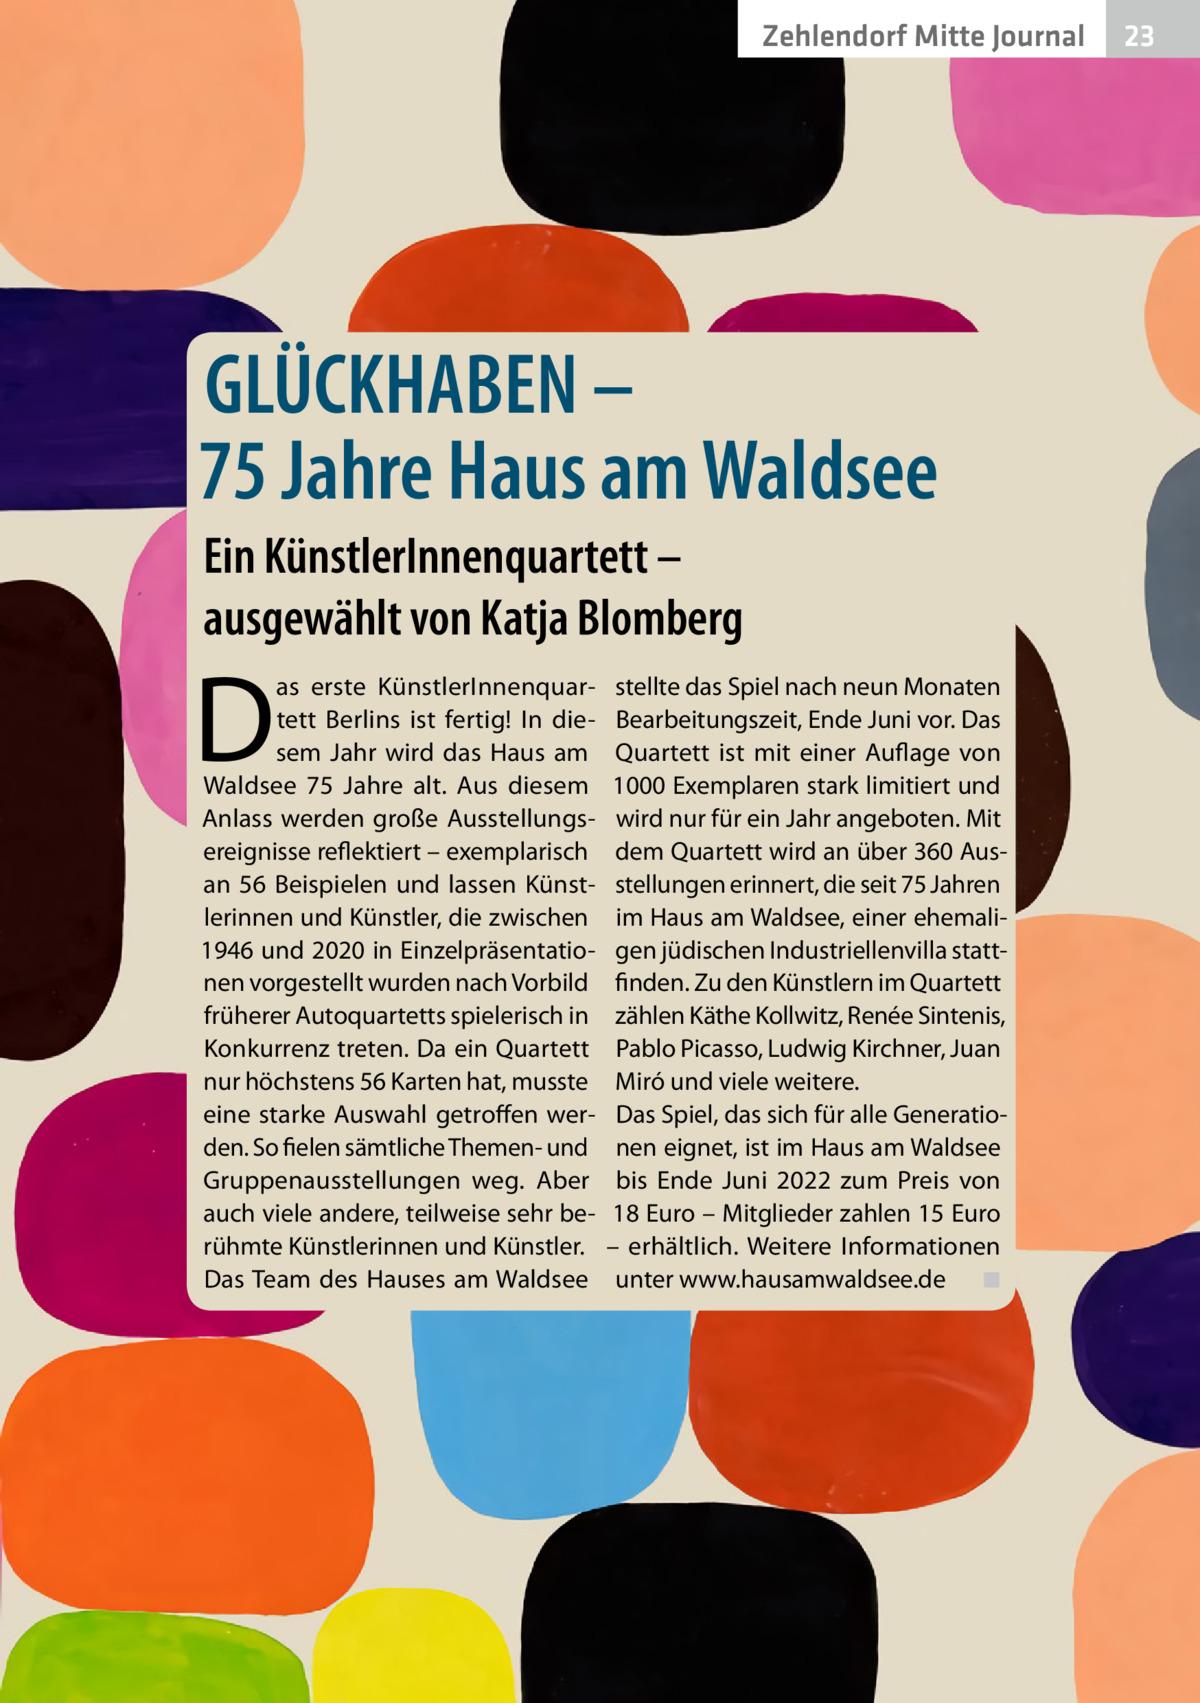 Zehlendorf Mitte Journal  GLÜCKHABEN – 75Jahre Haus am Waldsee Ein KünstlerInnenquartett – ausgewählt von Katja Blomberg  D  as erste KünstlerInnenquartett Berlins ist fertig! In diesem Jahr wird das Haus am Waldsee 75 Jahre alt. Aus diesem Anlass werden große Ausstellungsereignisse reflektiert – exemplarisch an 56 Beispielen und lassen Künstlerinnen und Künstler, die zwischen 1946 und 2020 in Einzelpräsentationen vorgestellt wurden nach Vorbild früherer Autoquartetts spielerisch in Konkurrenz treten. Da ein Quartett nur höchstens 56 Karten hat, musste eine starke Auswahl getroffen werden. So fielen sämtliche Themen- und Gruppenausstellungen weg. Aber auch viele andere, teilweise sehr berühmte Künstlerinnen und Künstler. Das Team des Hauses am Waldsee  stellte das Spiel nach neun Monaten Bearbeitungszeit, Ende Juni vor. Das Quartett ist mit einer Auflage von 1000Exemplaren stark limitiert und wird nur für ein Jahr angeboten. Mit dem Quartett wird an über 360Ausstellungen erinnert, die seit 75Jahren im Haus am Waldsee, einer ehemaligen jüdischen Industriellenvilla stattfinden. Zu den Künstlern im Quartett zählen Käthe Kollwitz, Renée Sintenis, Pablo Picasso, Ludwig Kirchner, Juan Miró und viele weitere. Das Spiel, das sich für alle Generationen eignet, ist im Haus am Waldsee bis Ende Juni 2022 zum Preis von 18Euro – Mitglieder zahlen 15Euro – erhältlich. Weitere Informationen unter www.hausamwaldsee.de � ◾  23